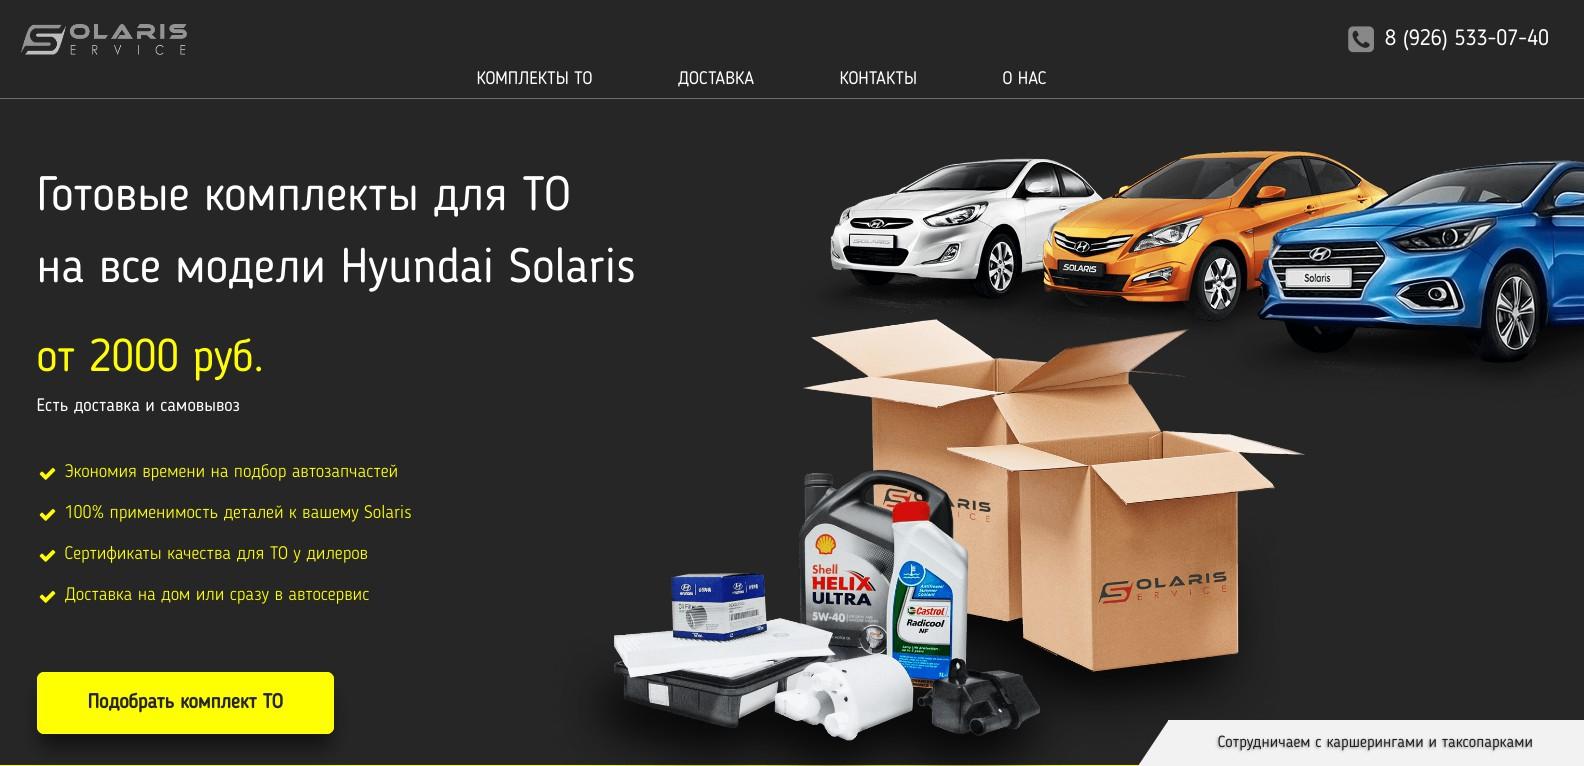 Solaris Service